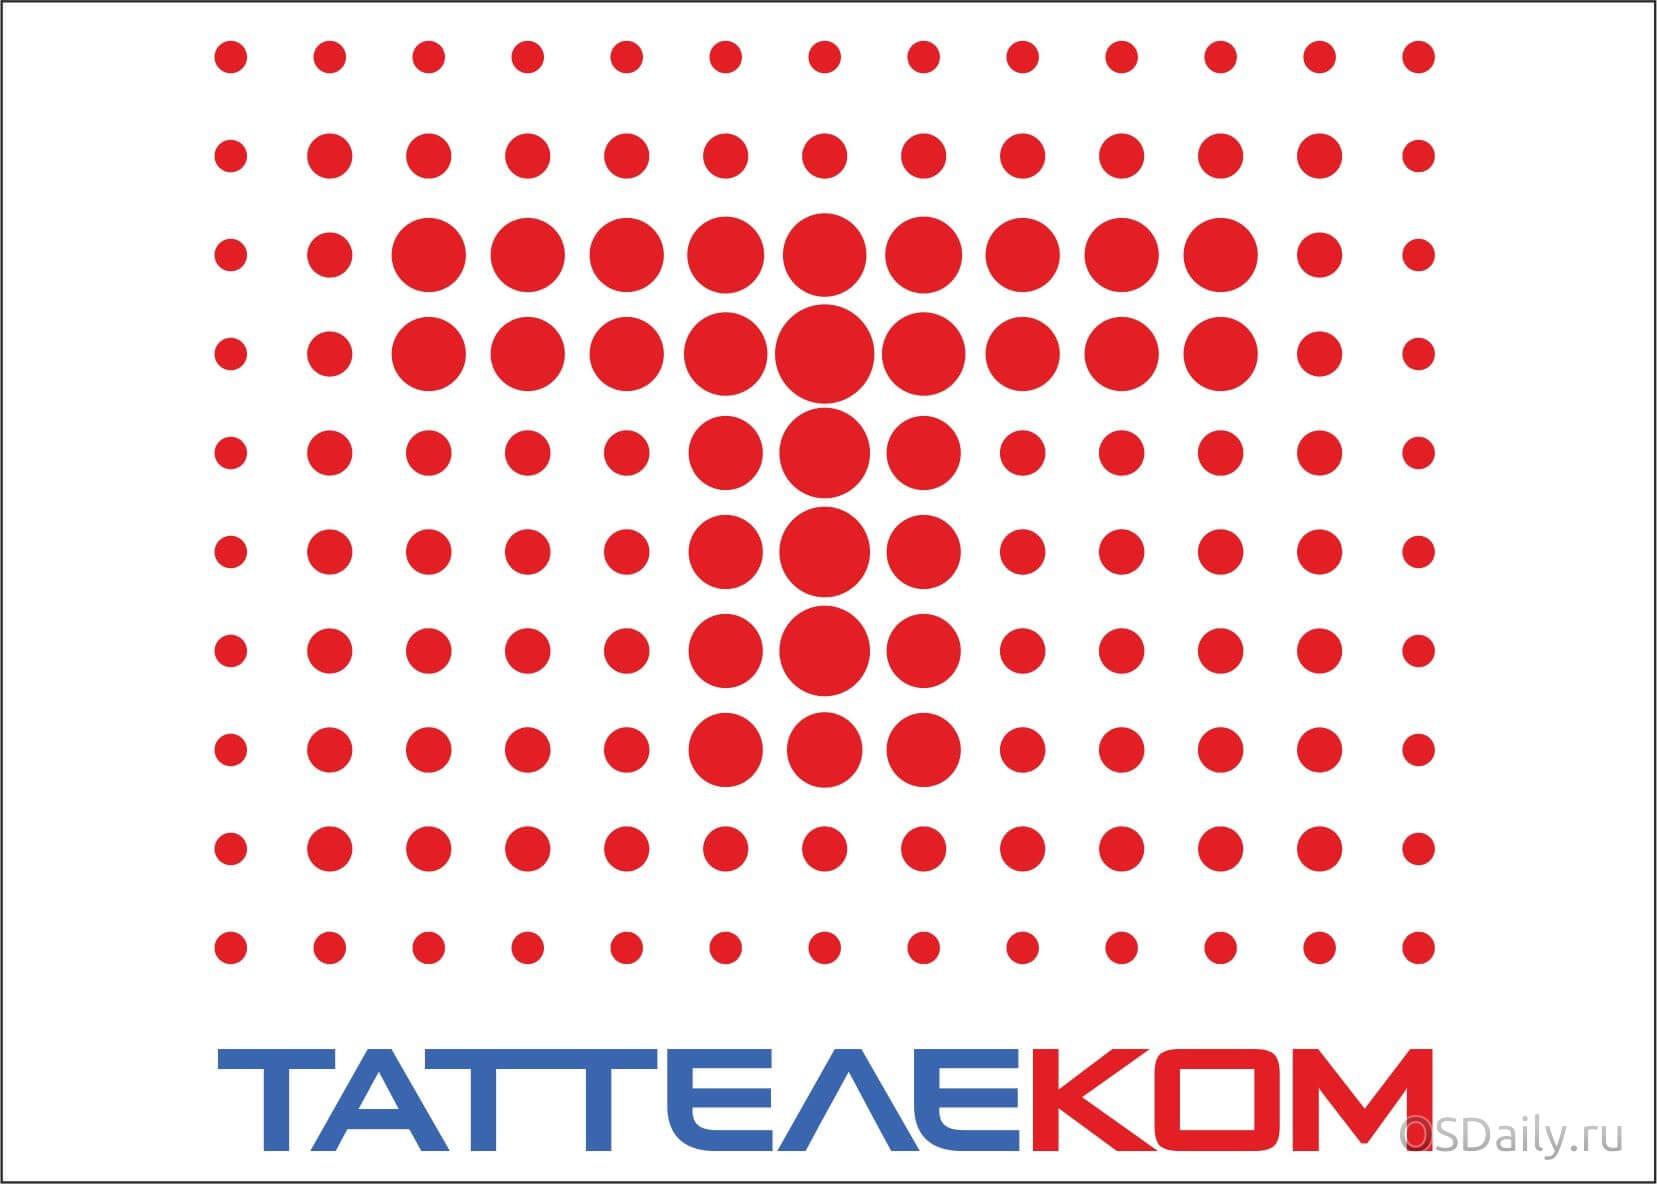 Список внутренних ресурсов (сайтов) провайдера Таттелеком